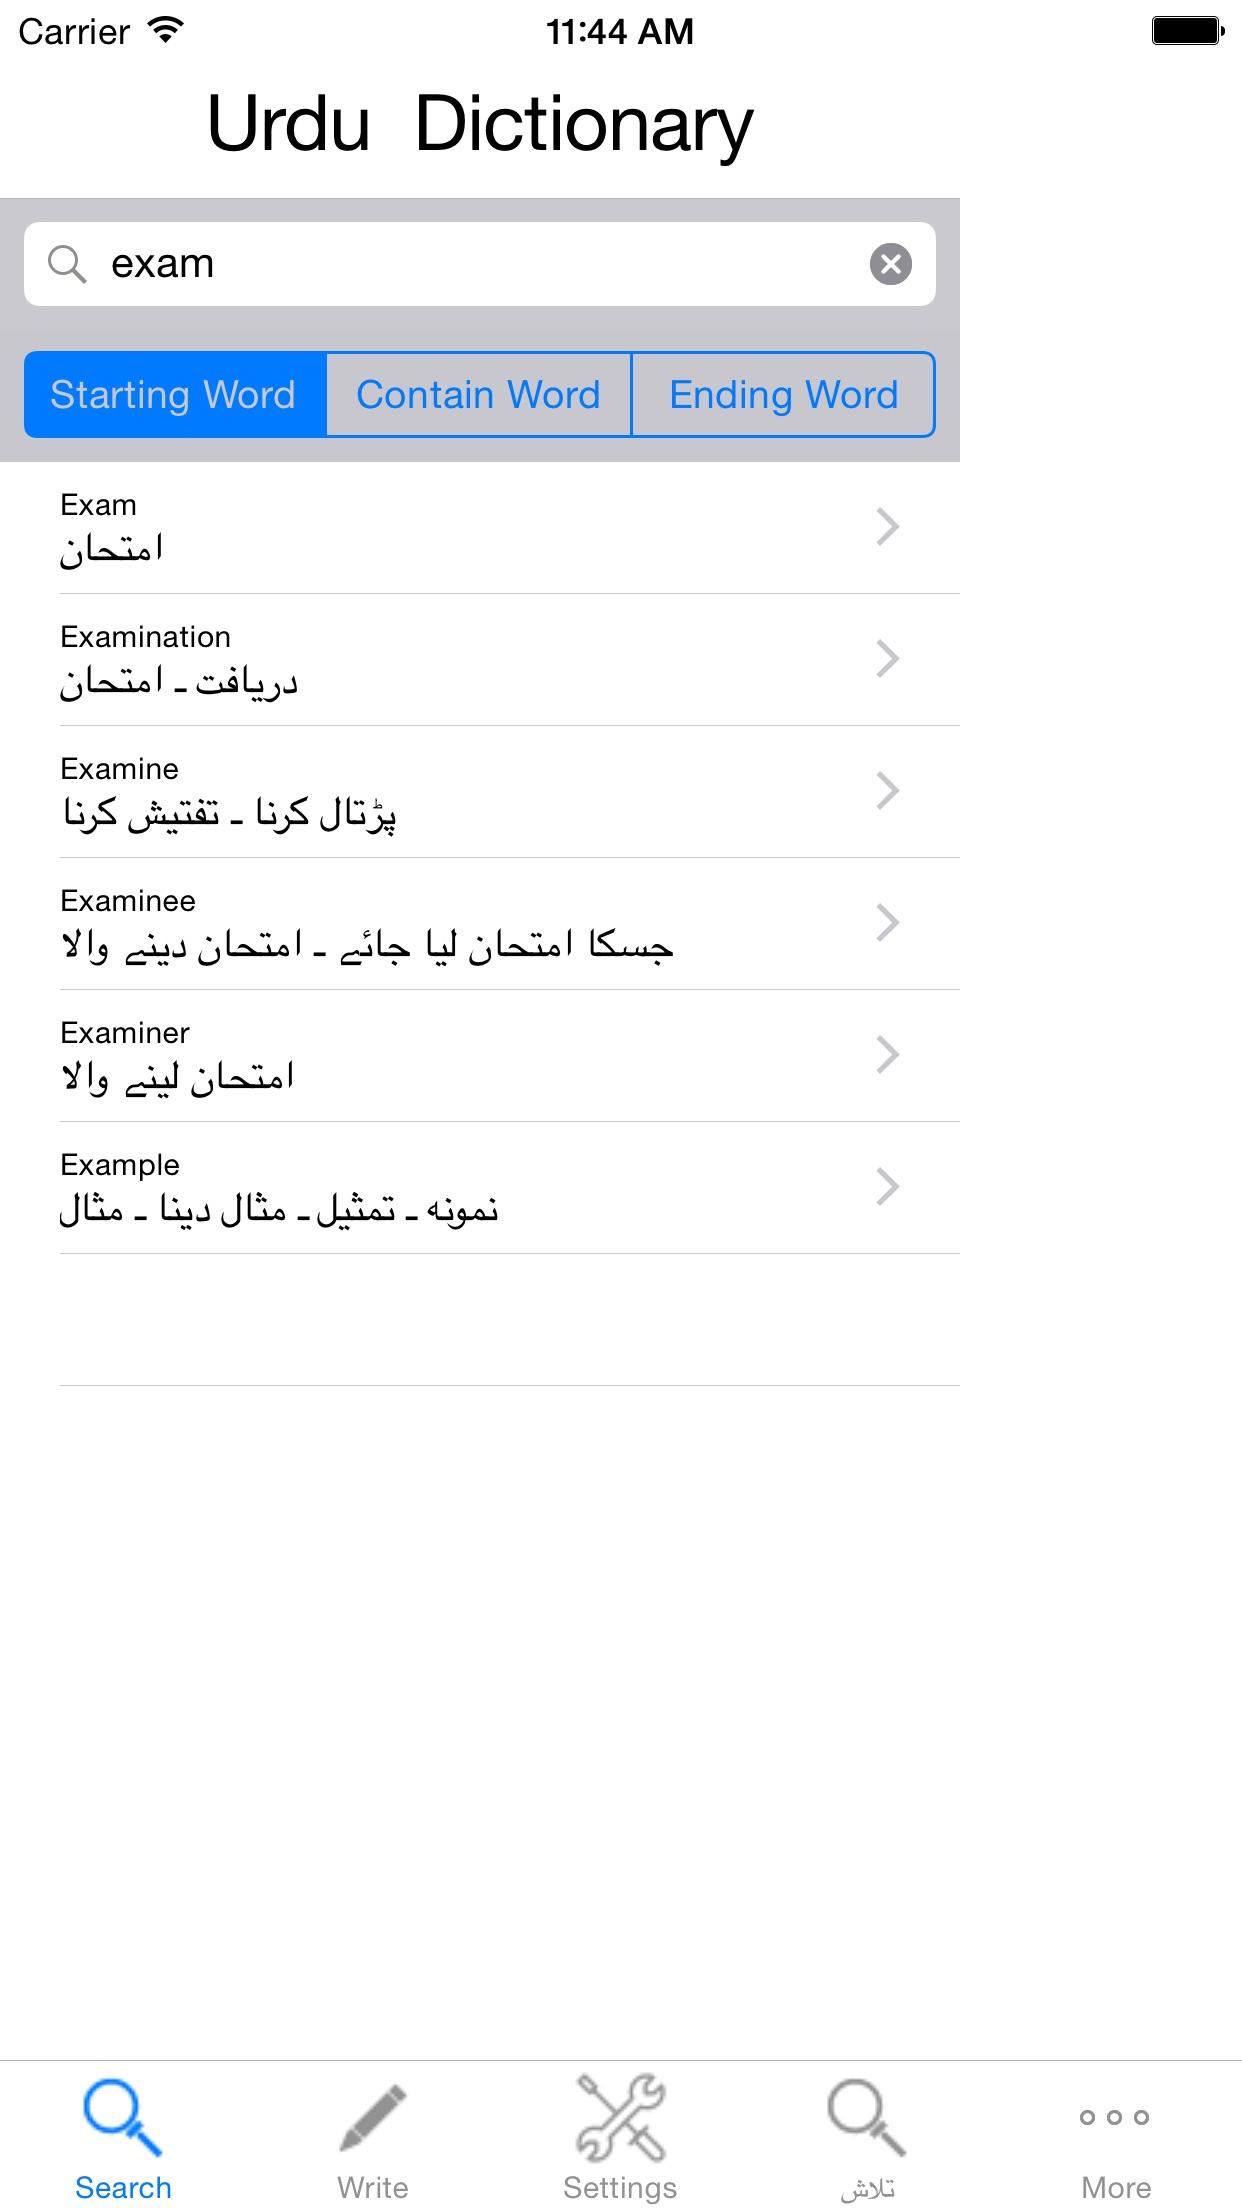 Urdu Dictionary English Screenshot